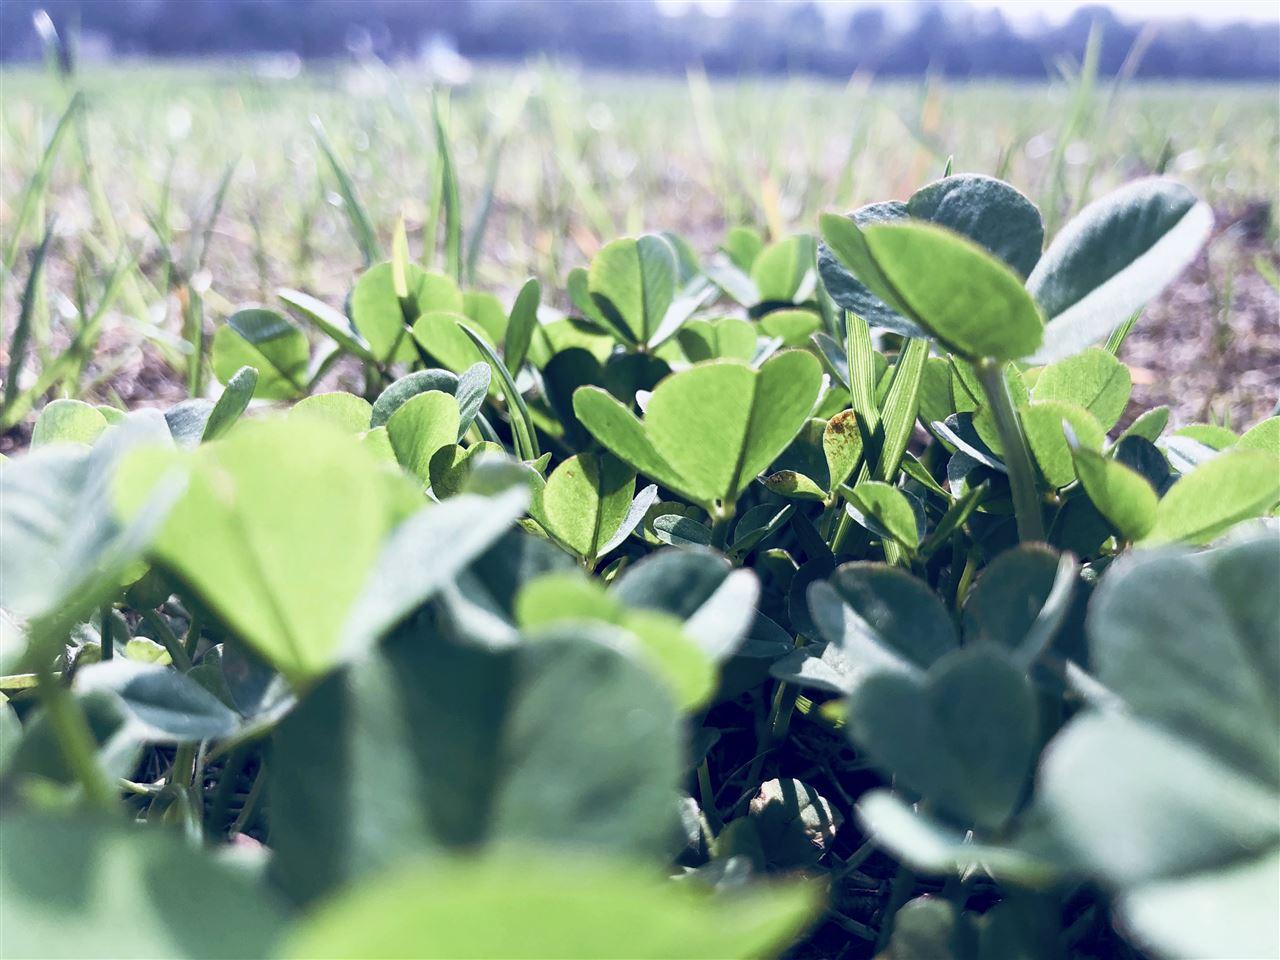 土壤污染调查、风险评估、监测等迎新规 广州发布更多细则